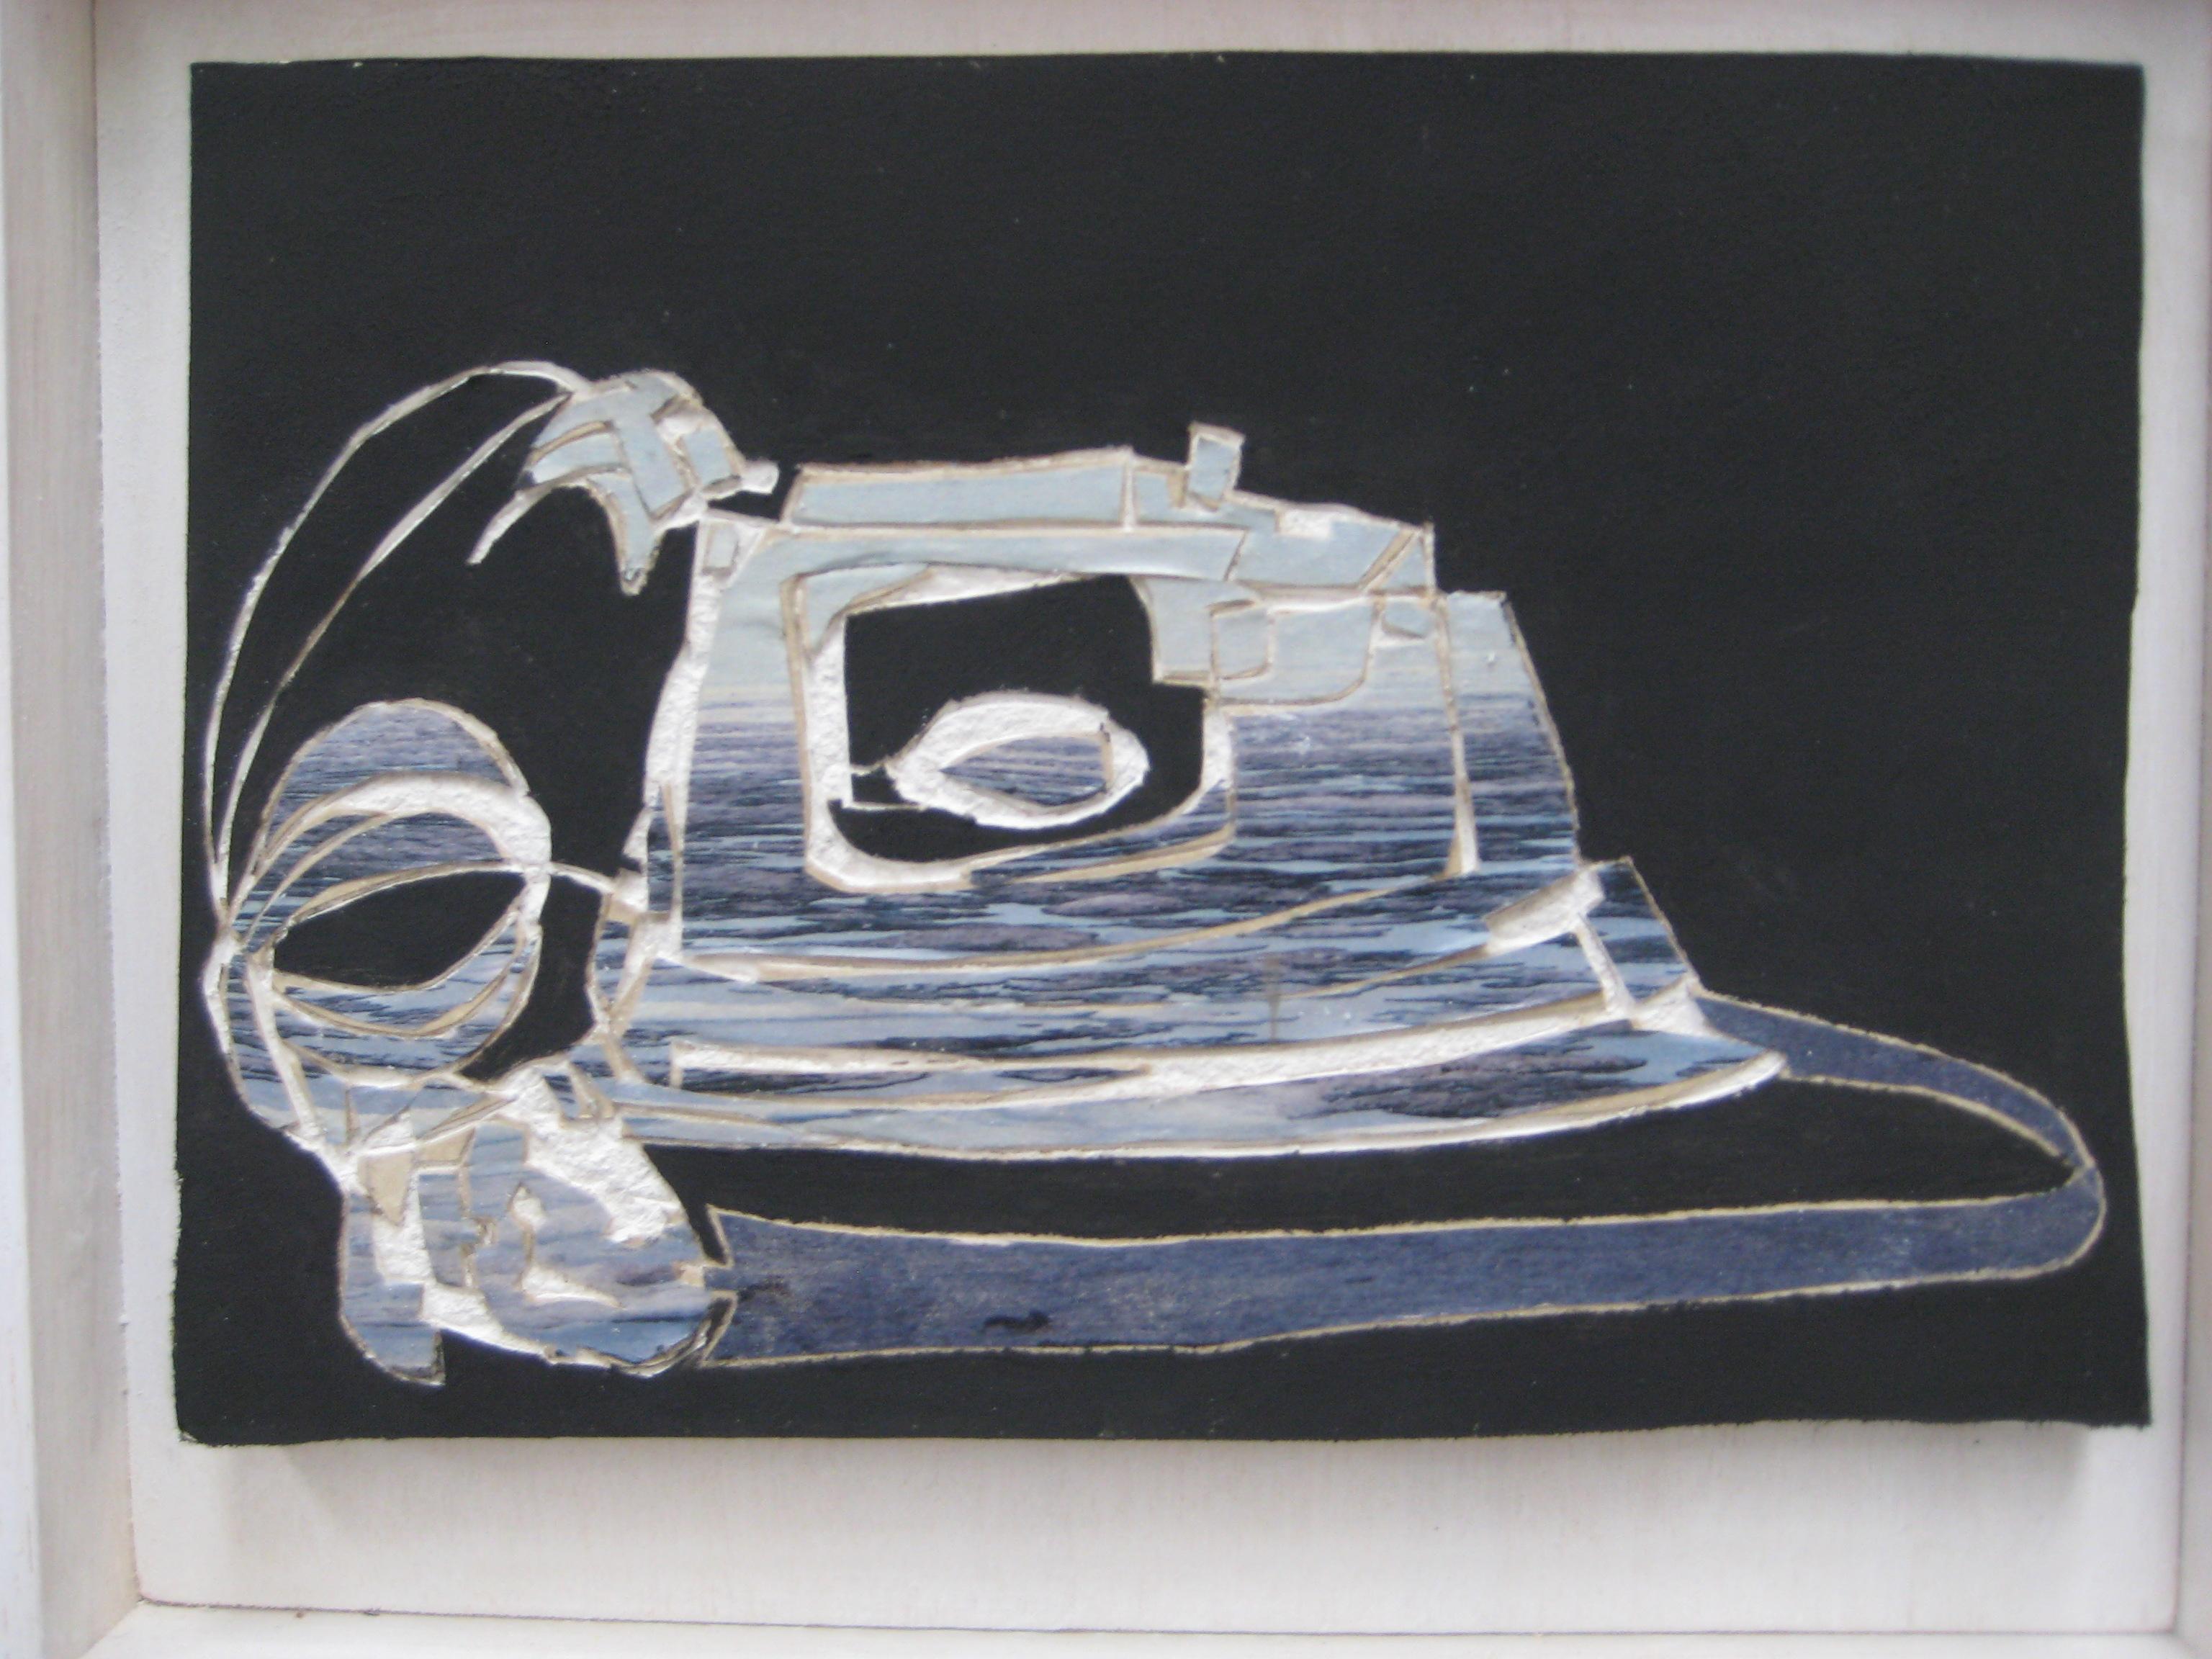 De Zee, 2010, gipsplaatcollage 20x14 cm